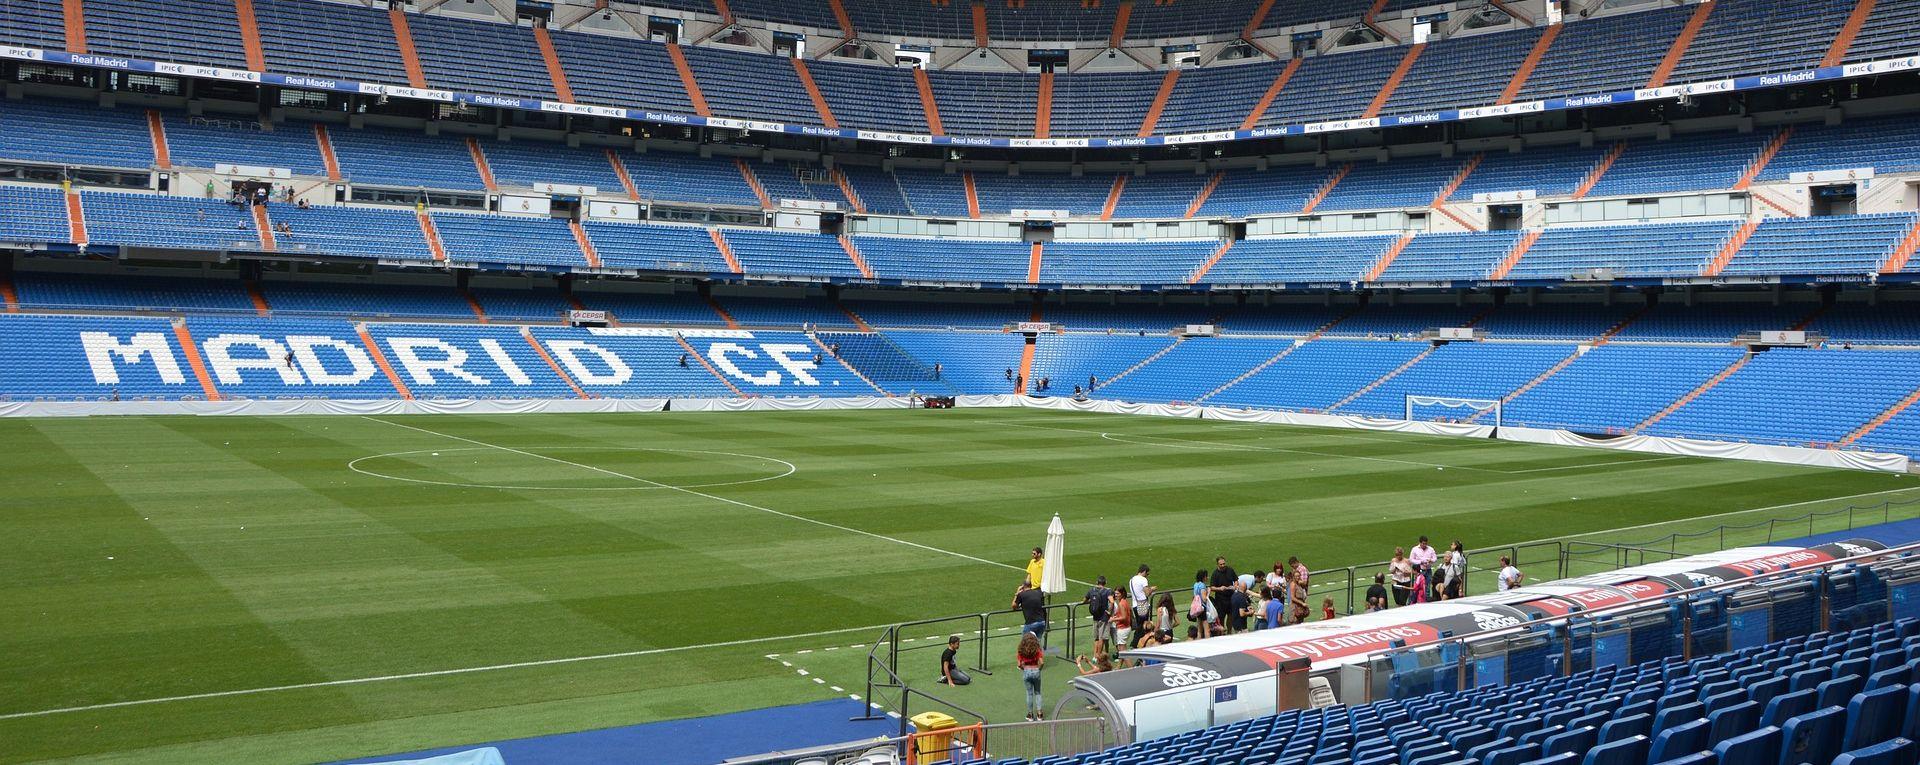 Renoviranje Realova stadiona koštat će 525 milijuna eura